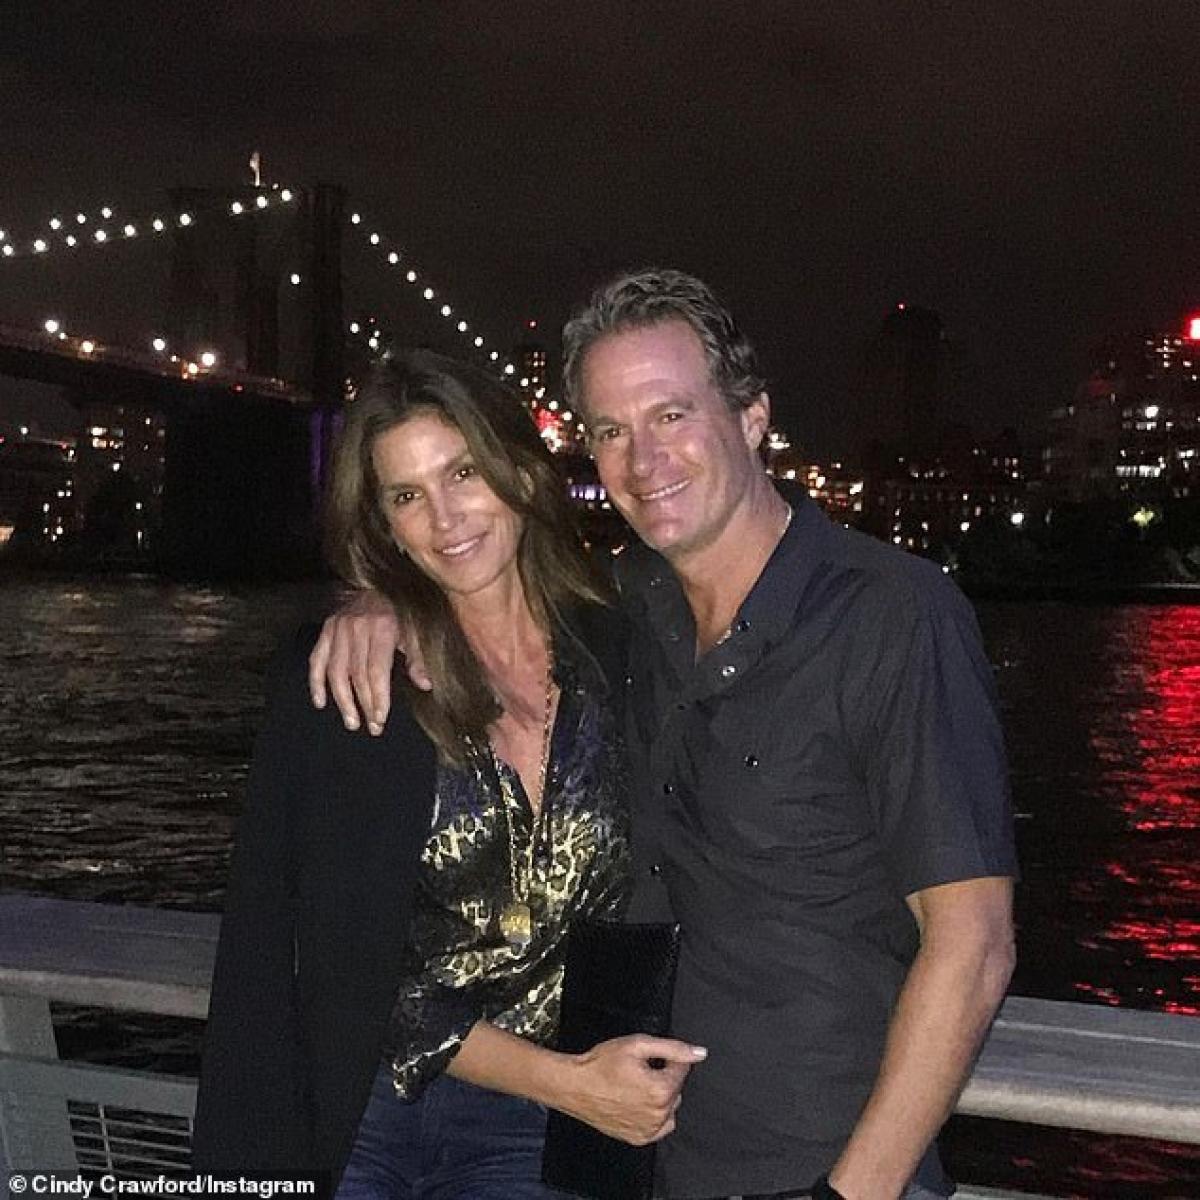 Cindy Crawford và ông xã Rande Gerber kết hôn năm 1998, đã có 23 năm hạnh phúc.